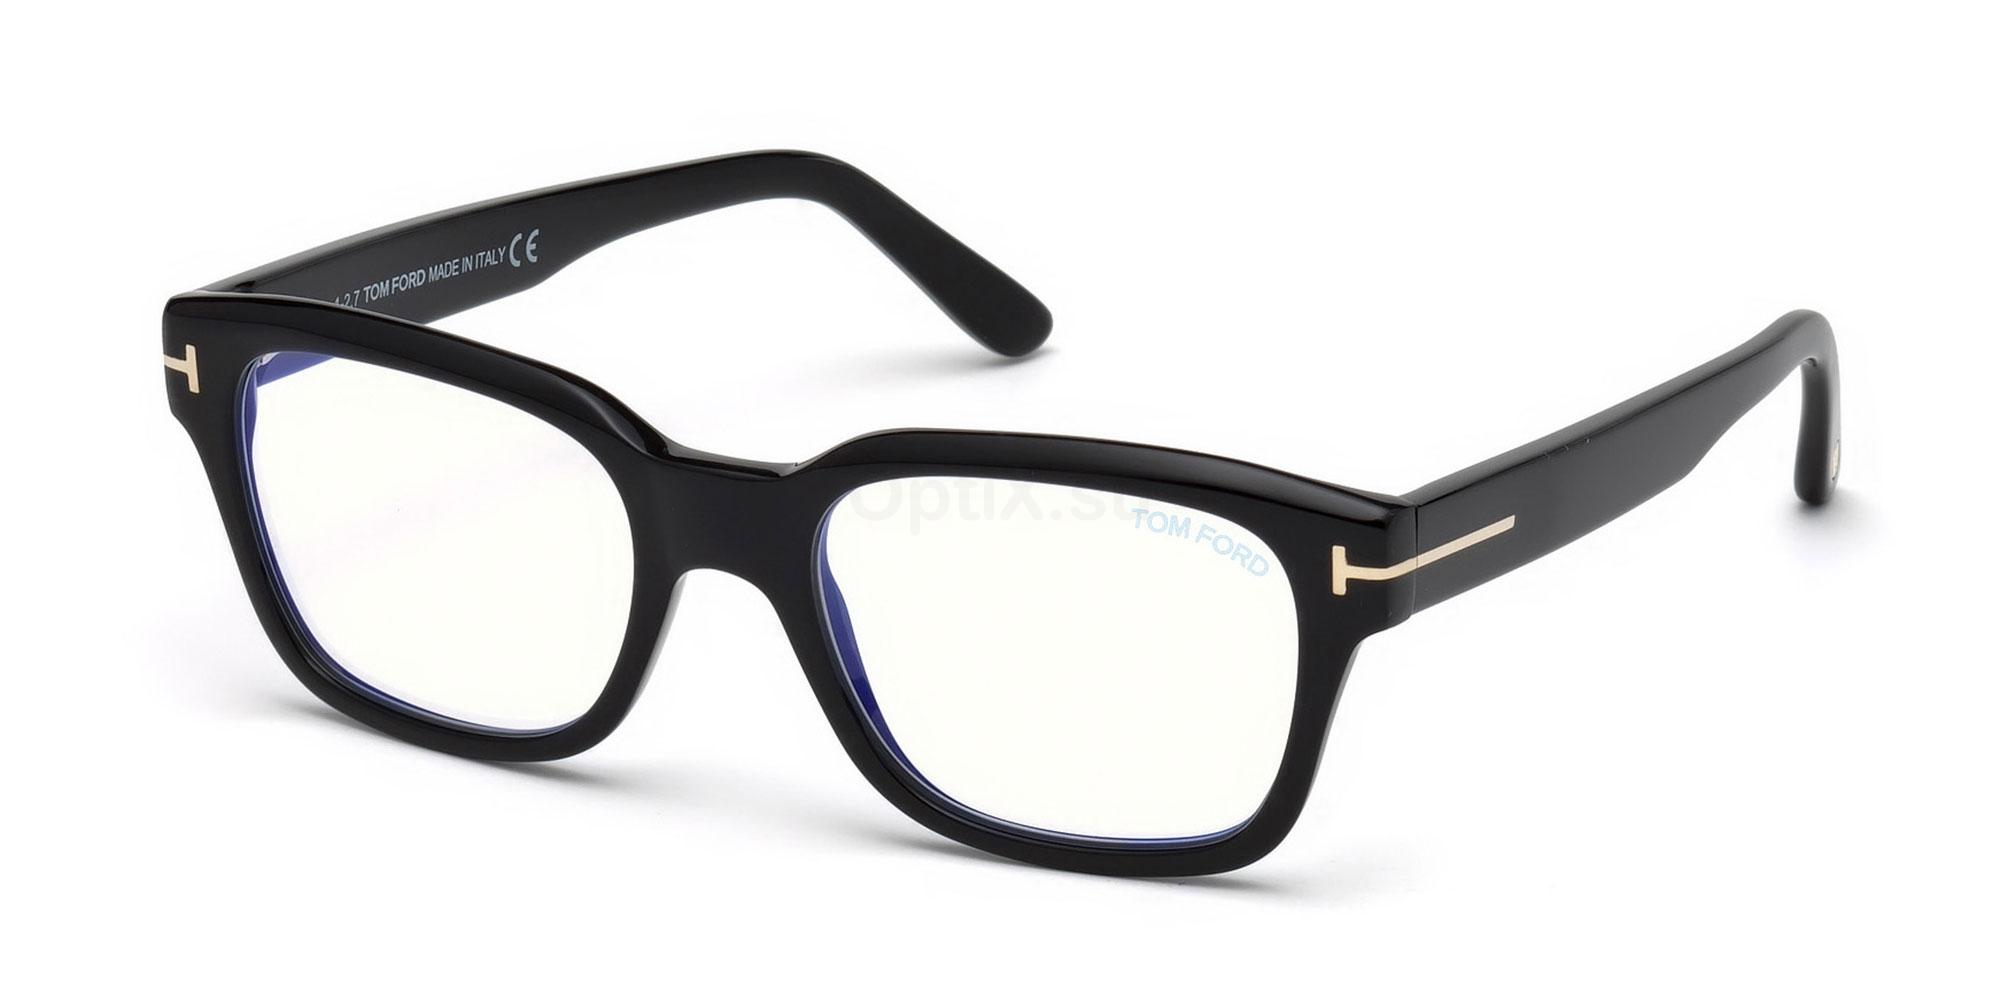 001 FT5535-B Glasses, Tom Ford